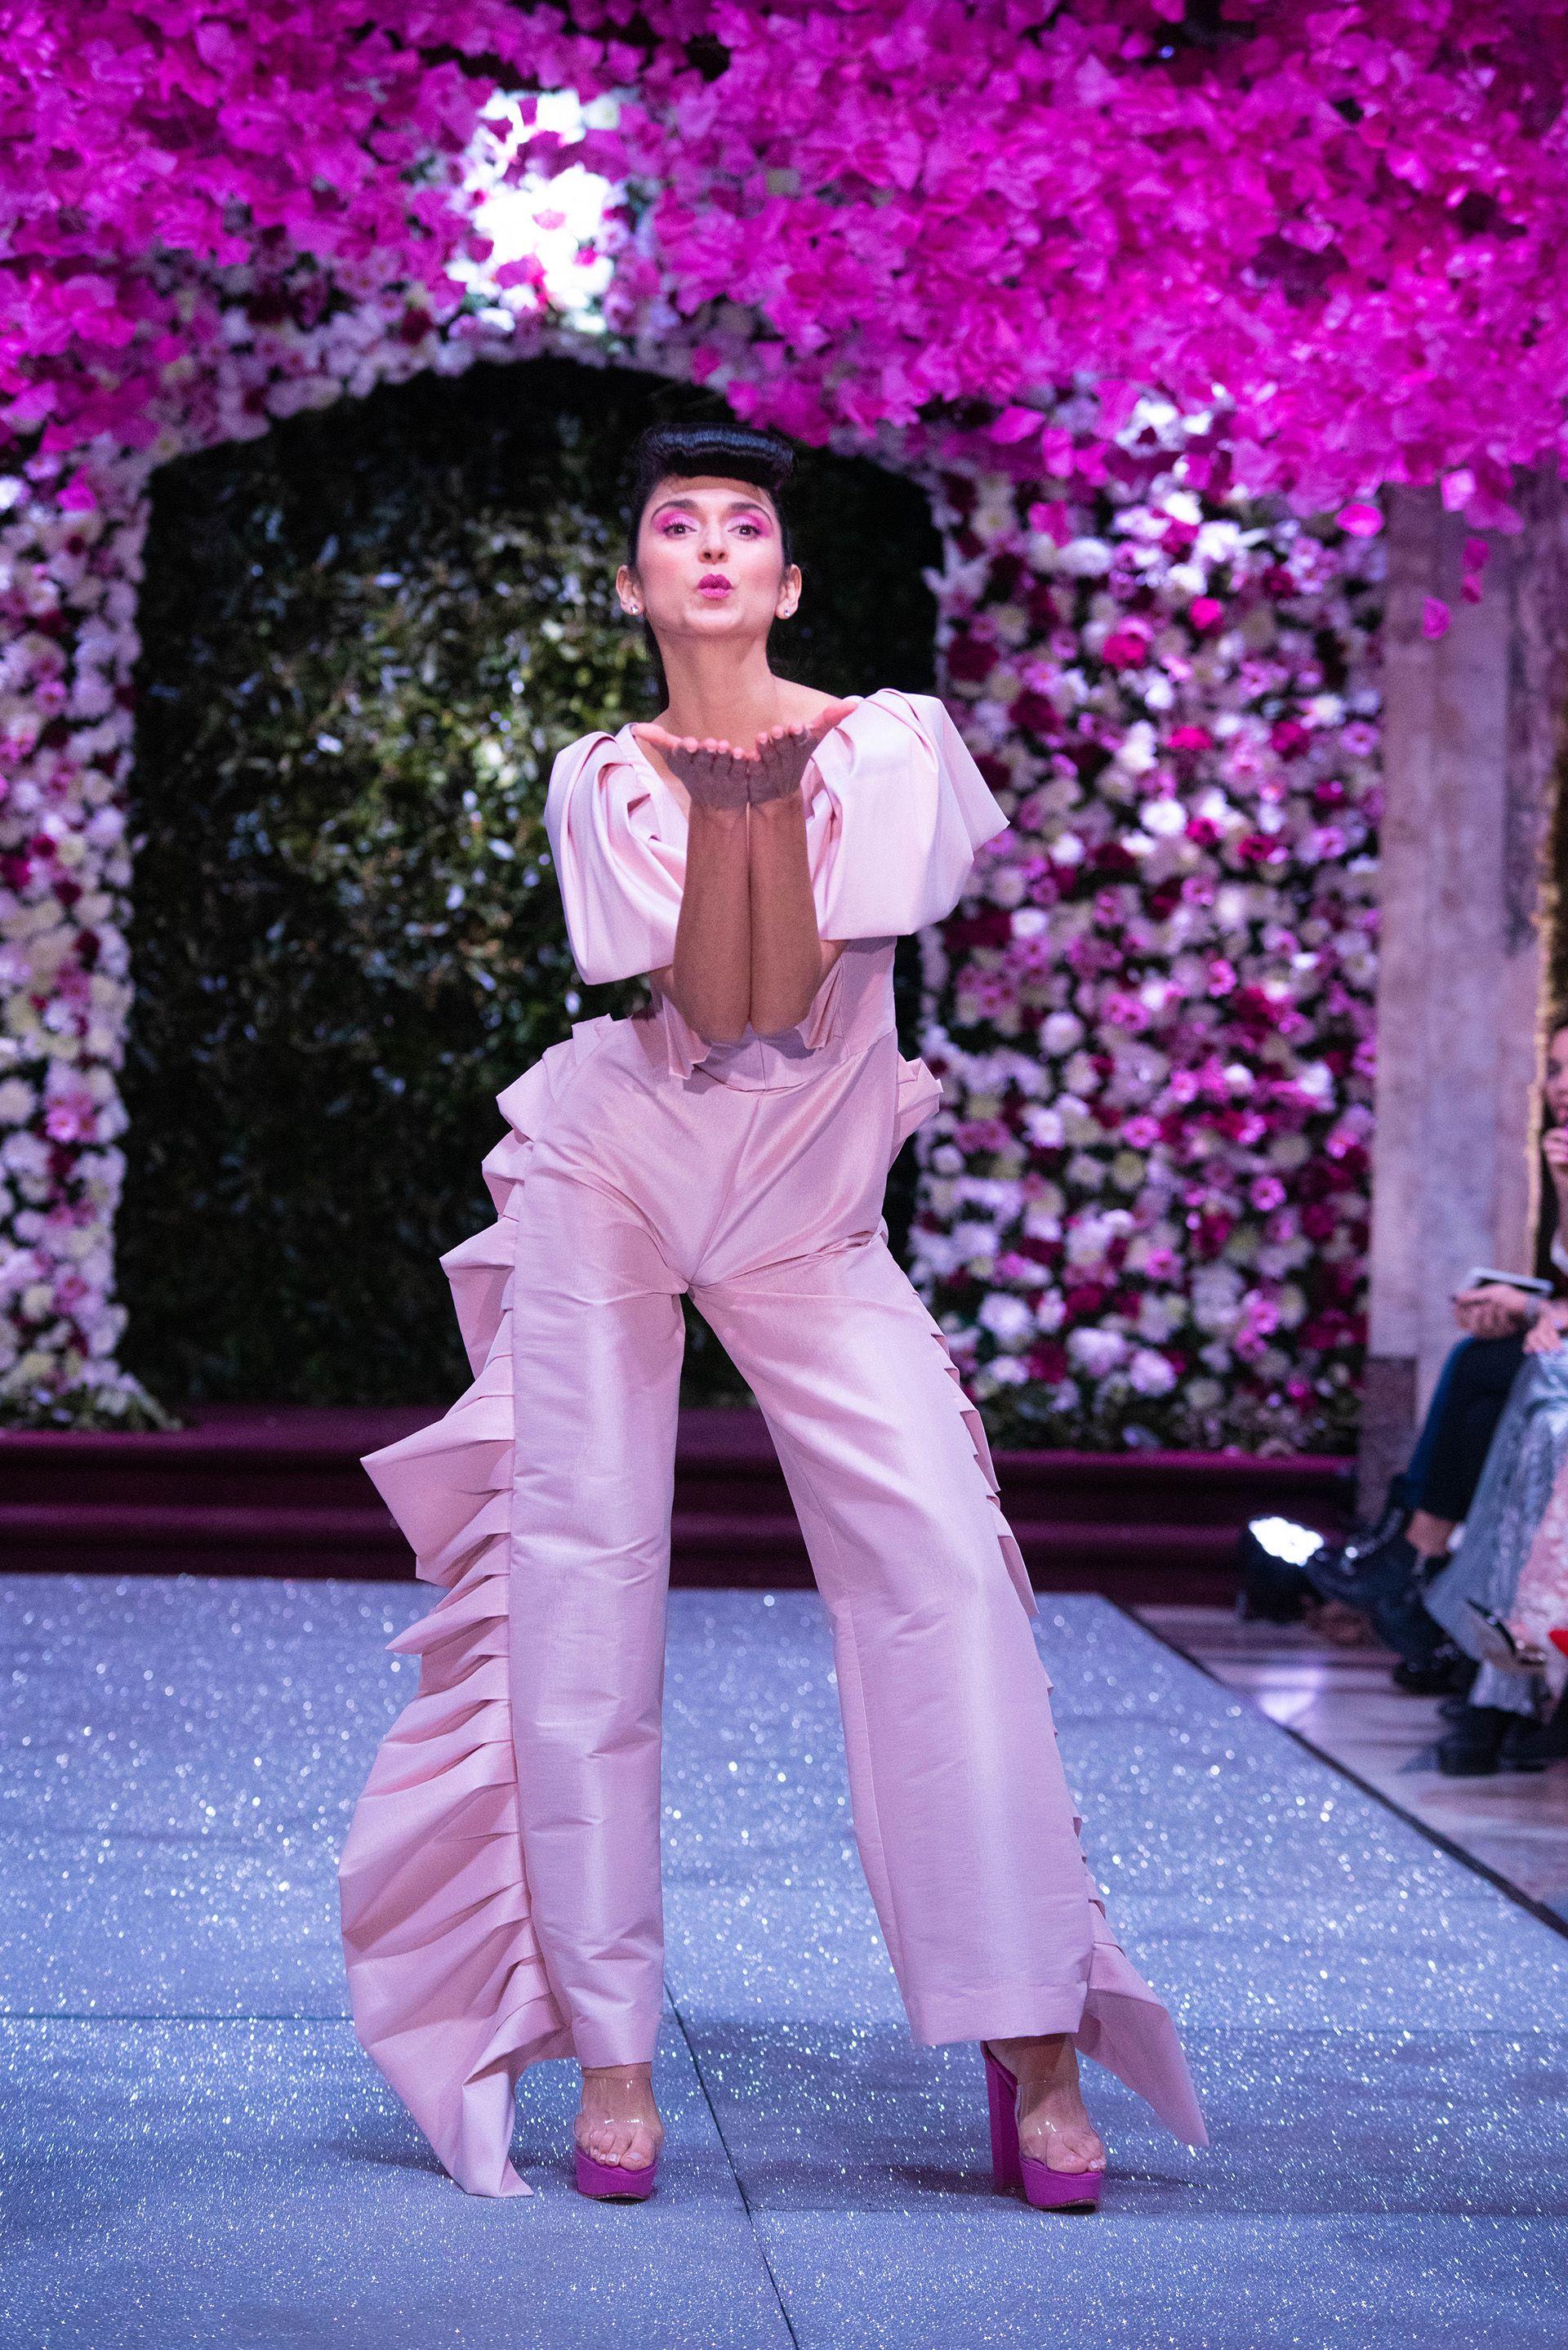 El mono de tafetán con volúmenes en el pantalón y hombreras. En rosa, uno de los diseños más llamativos de la pasarela de Jorge Rey